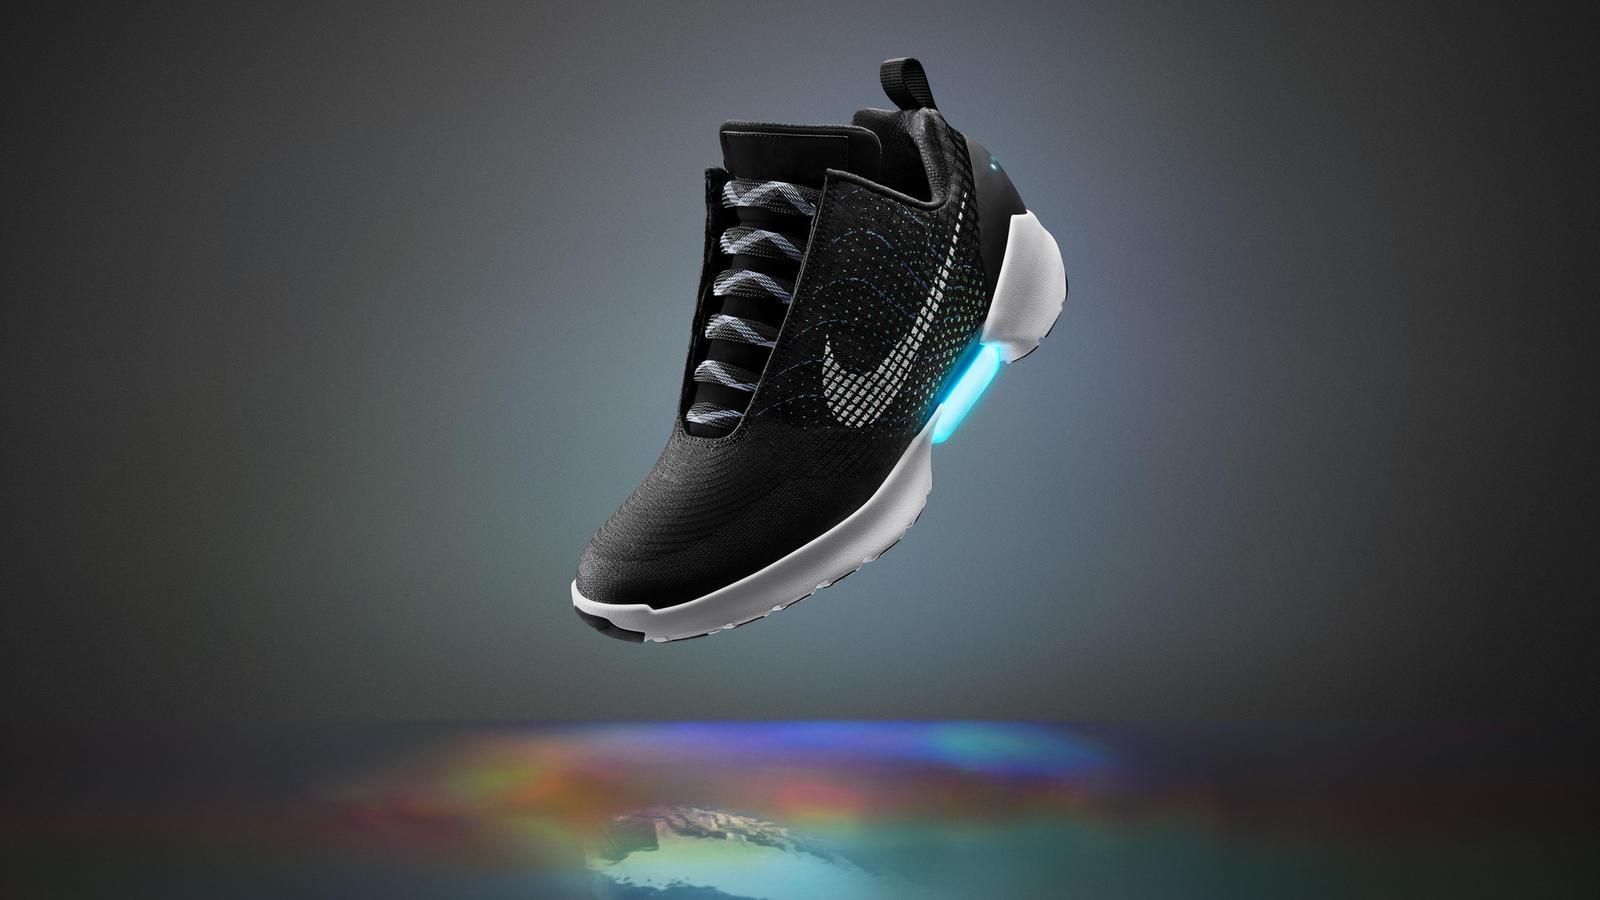 5de5b221c5f De volta para o futuro  Nike lança tênis com cadarço automático - TecMundo